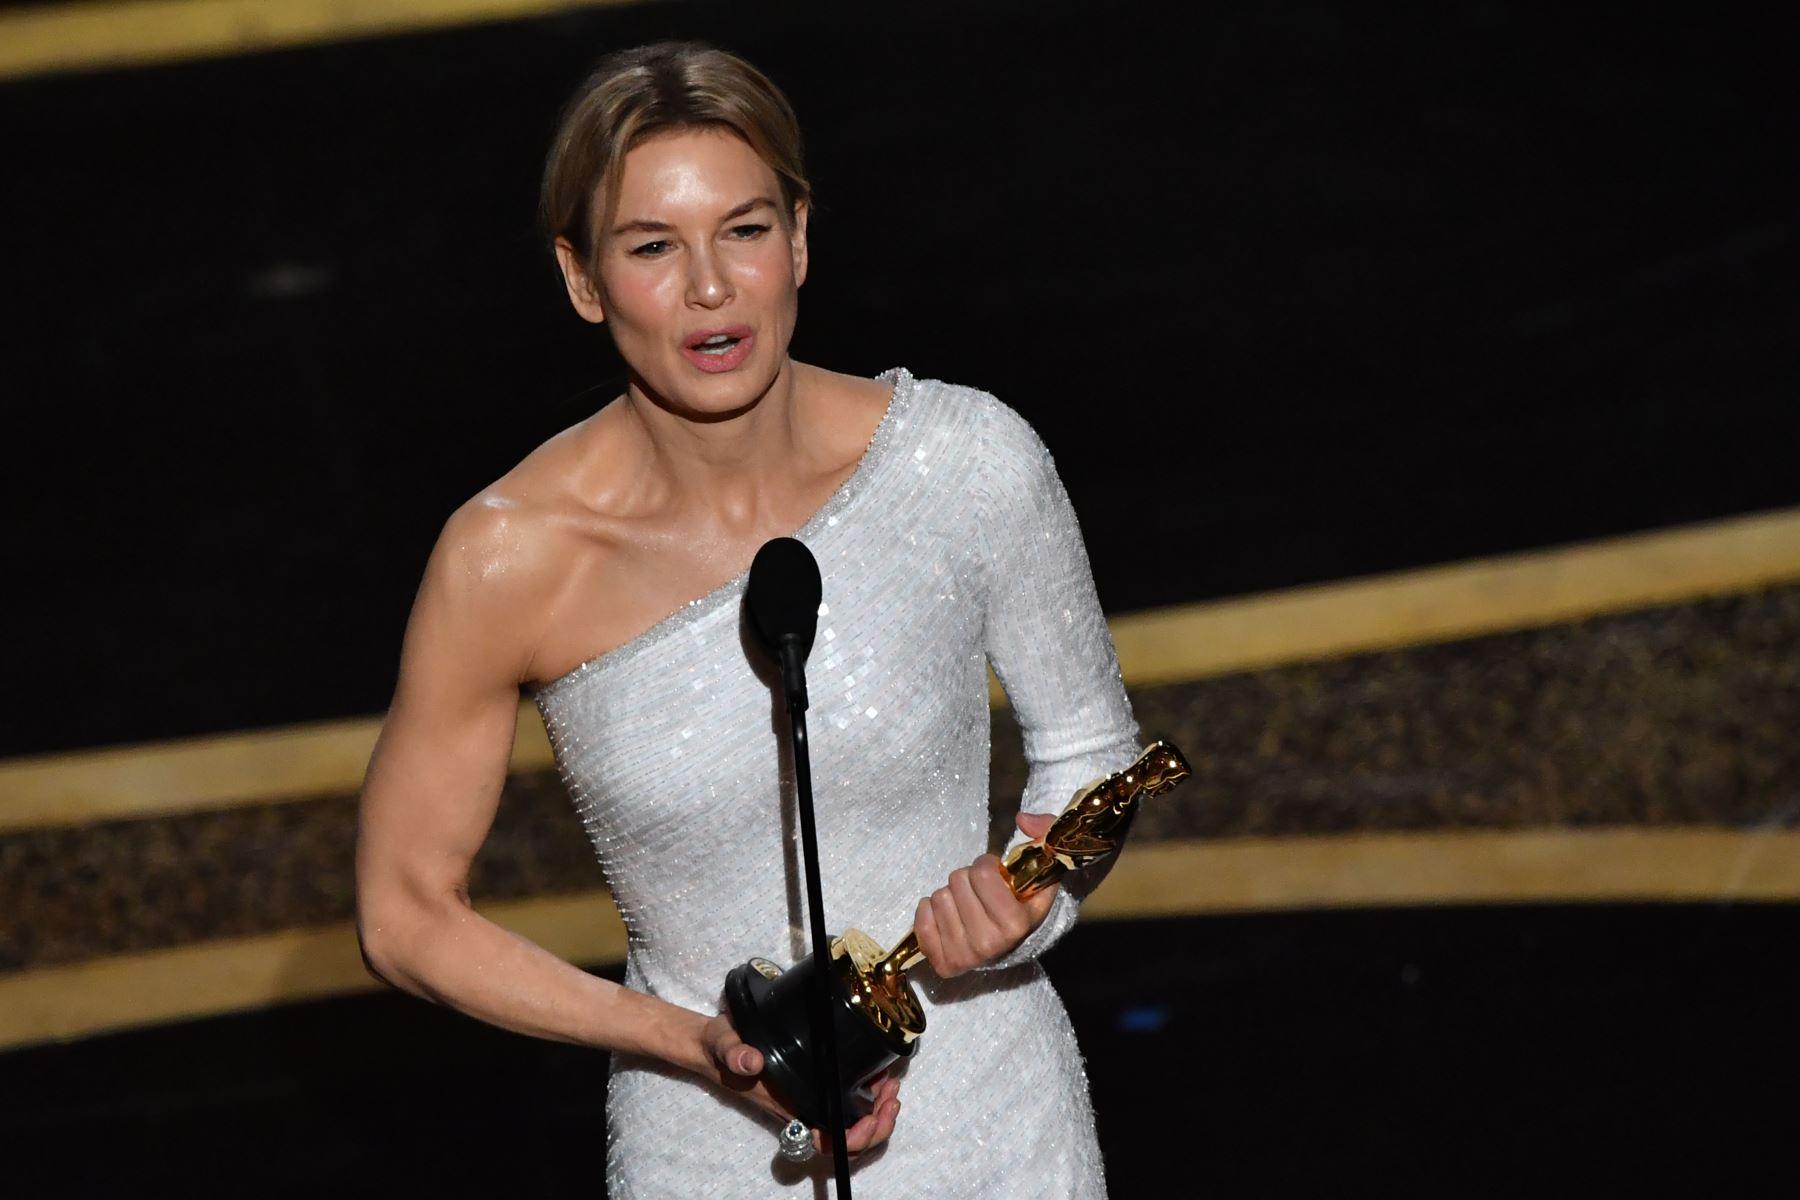 """La actriz estadounidense Renee Zellweger acepta el premio a la Mejor Actriz en un papel protagónico por """"Judy"""" durante los 92o Oscar en el Dolby Theatre de Hollywood, California. Foto: AFP"""